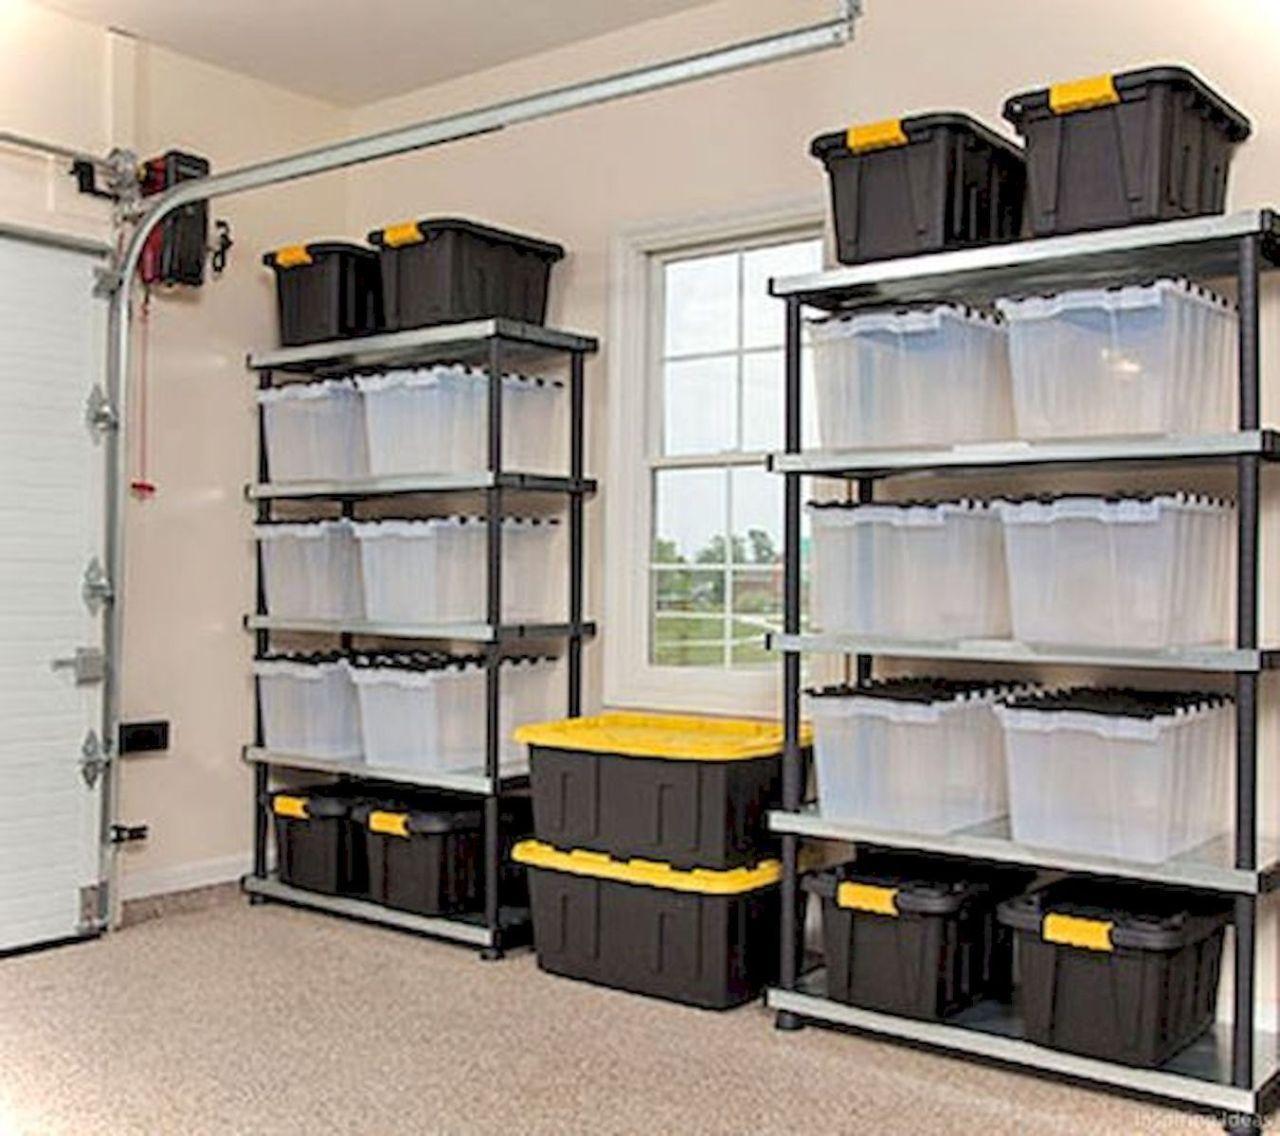 40 inspiring diy garage storage design ideas on a budget on inspiring diy garage storage design ideas on a budget to maximize your garage id=87314